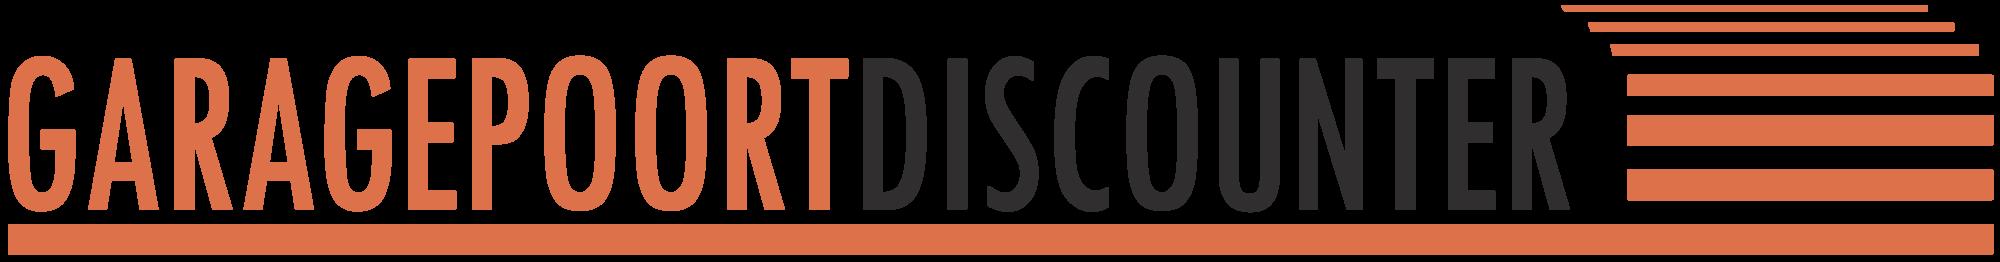 Logo Garagepoort Discounter